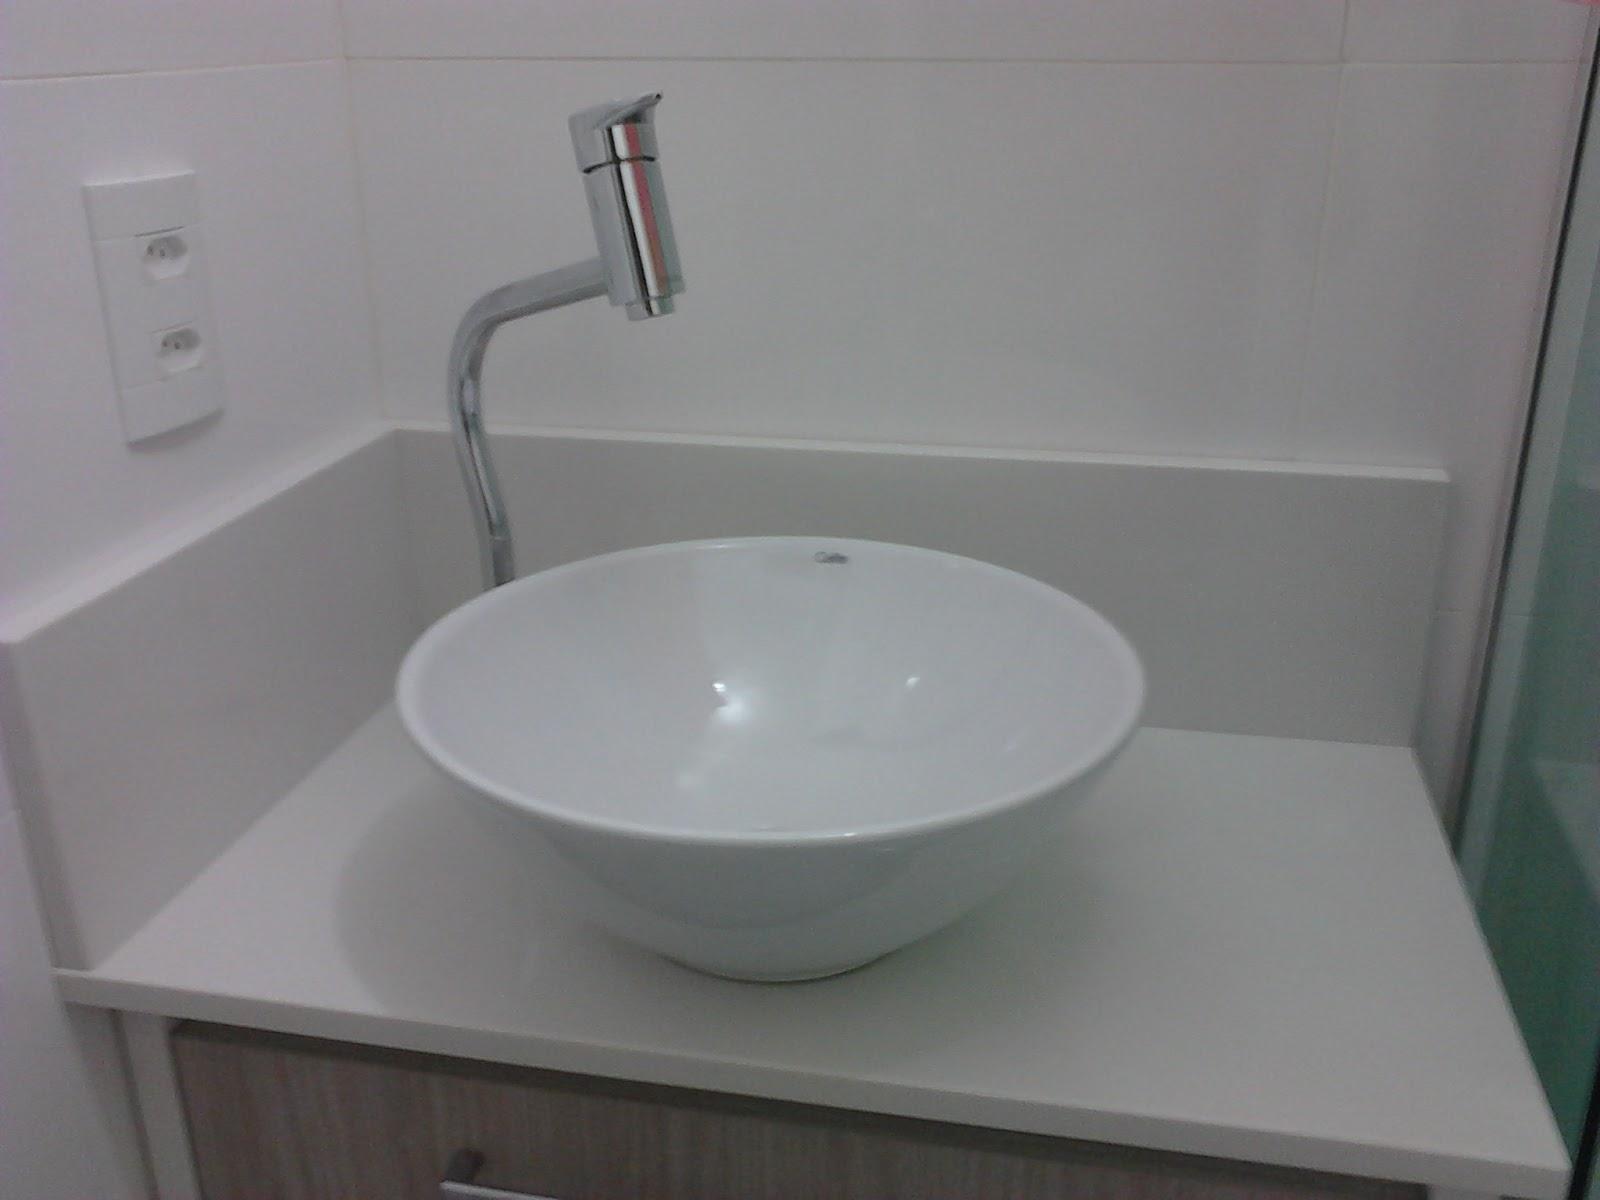 Casei quero casa: Novidades do banheiro #604F4F 1600 1200